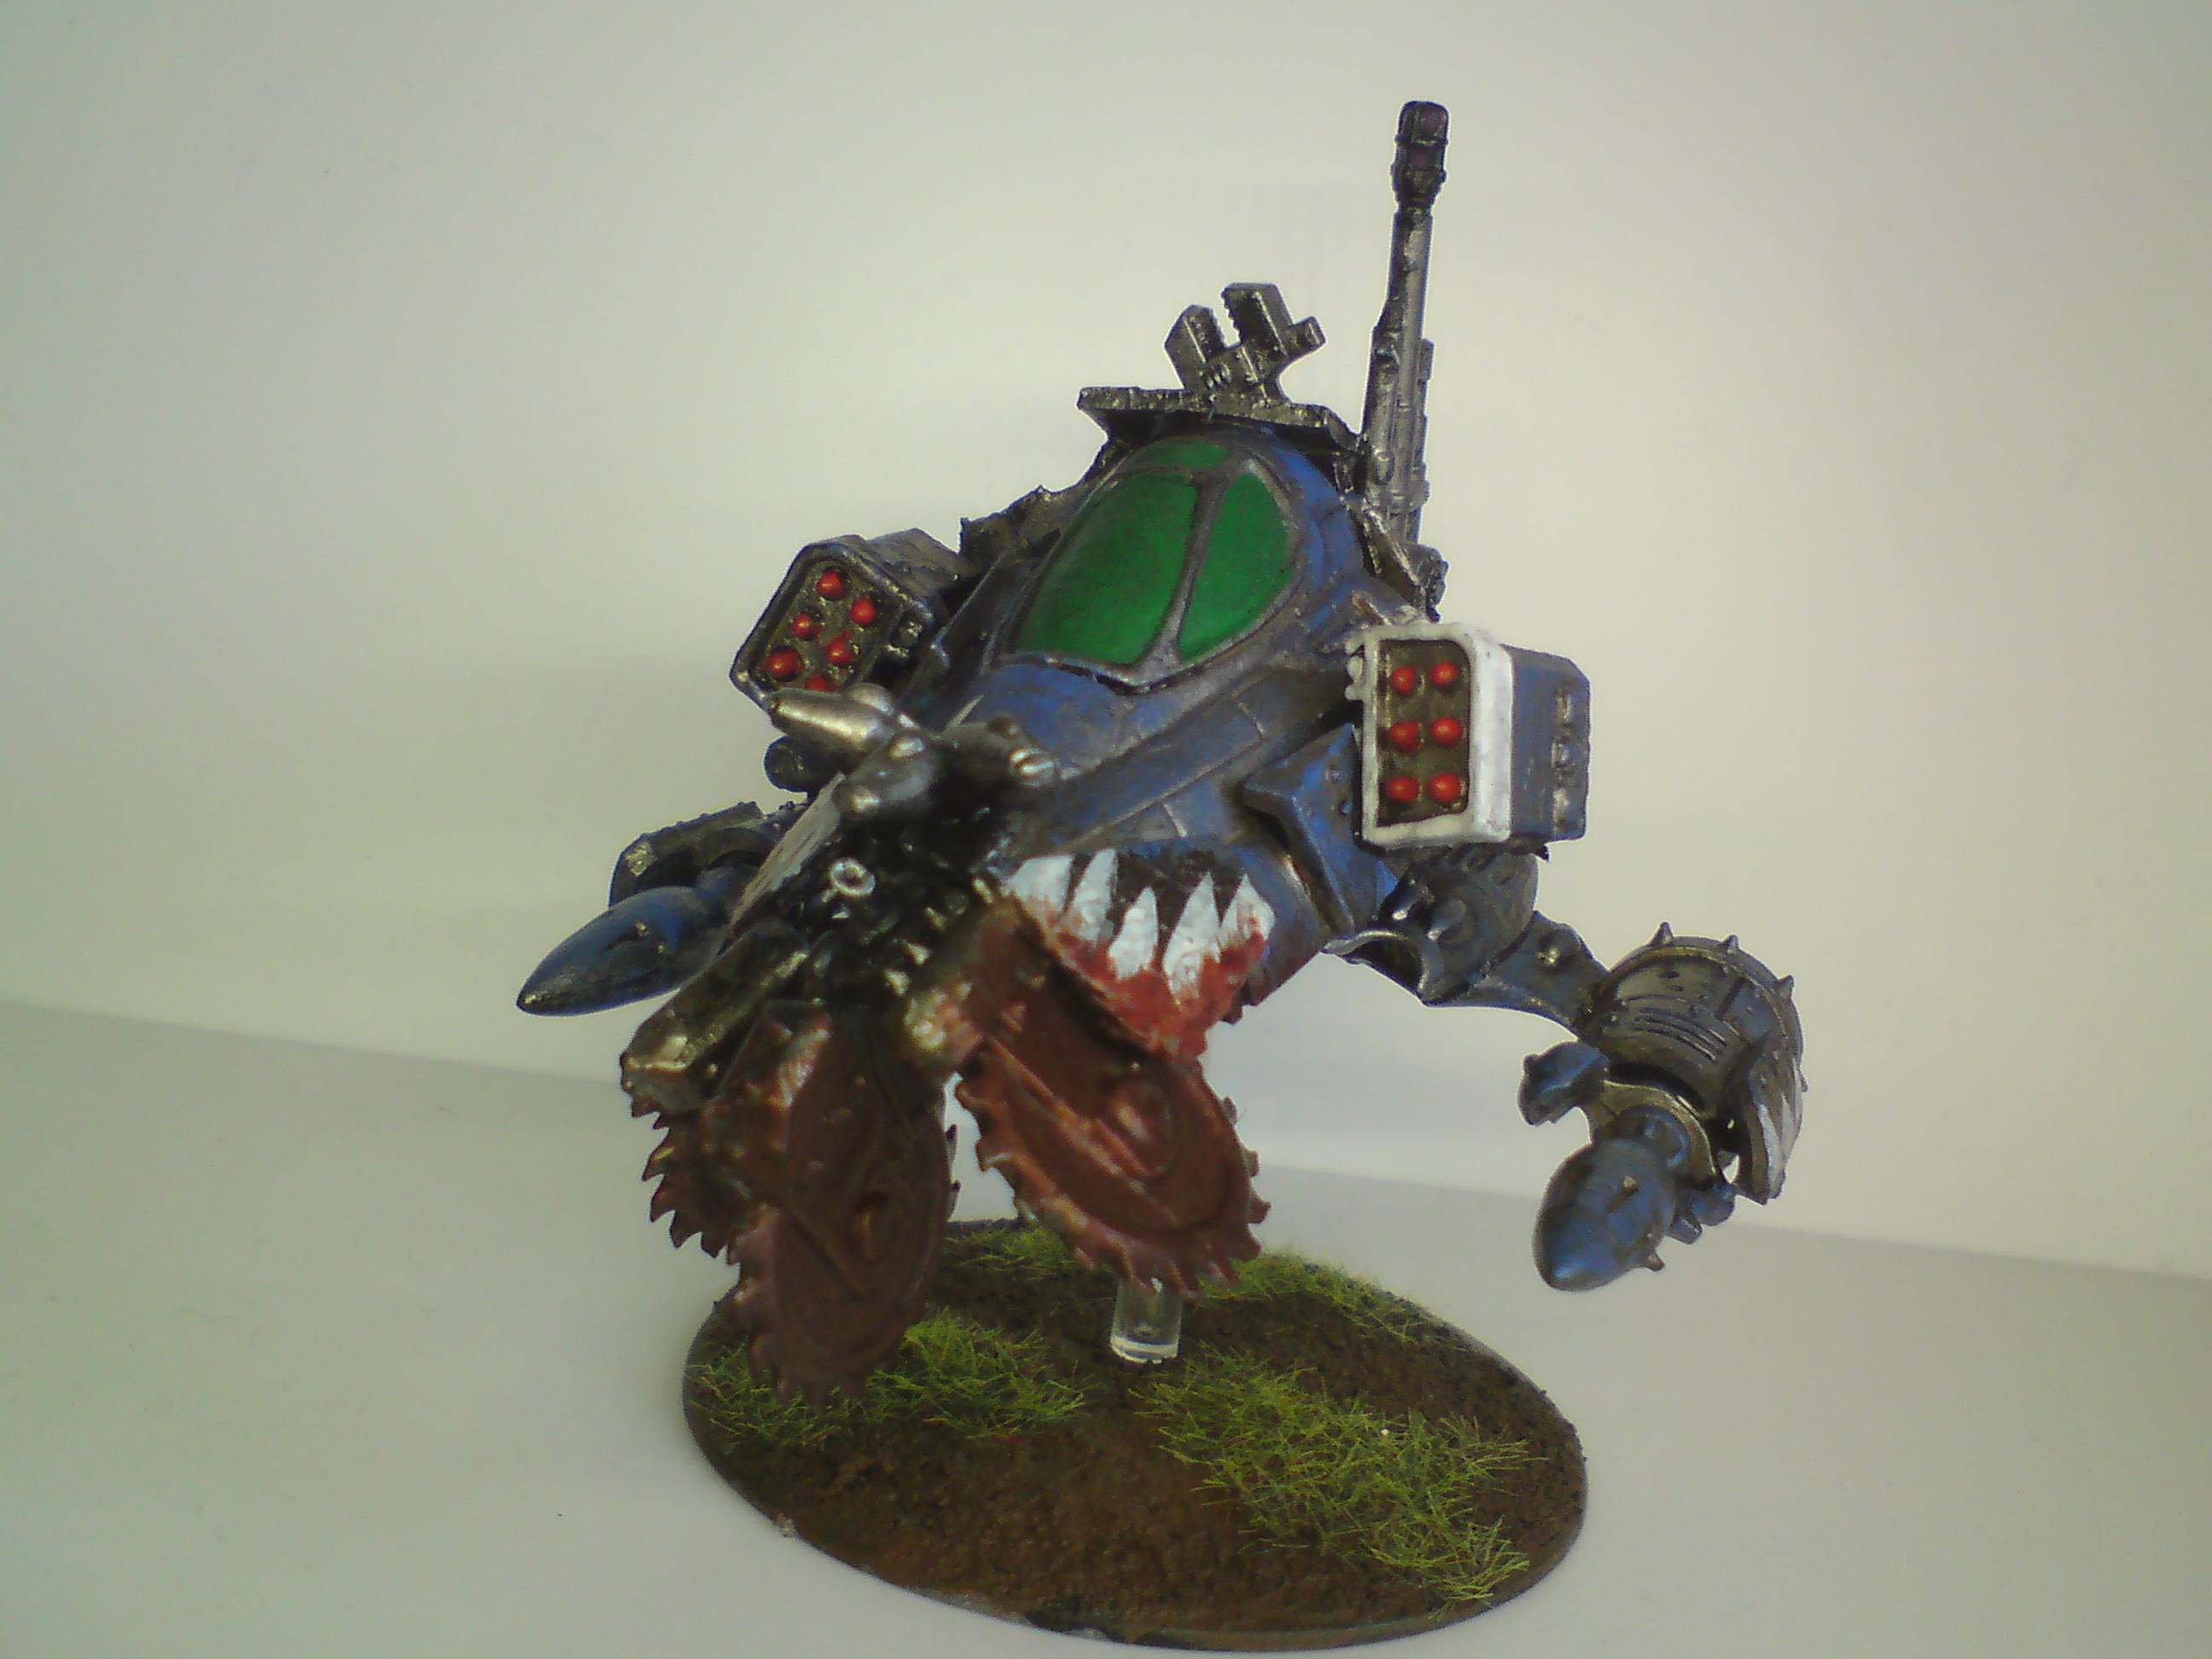 Deathskulls, Deffkopta, Eldar Abuse, Looted, Looting, Marine Abuse, Ork Deathskulls, Orks, Warhammer 40,000